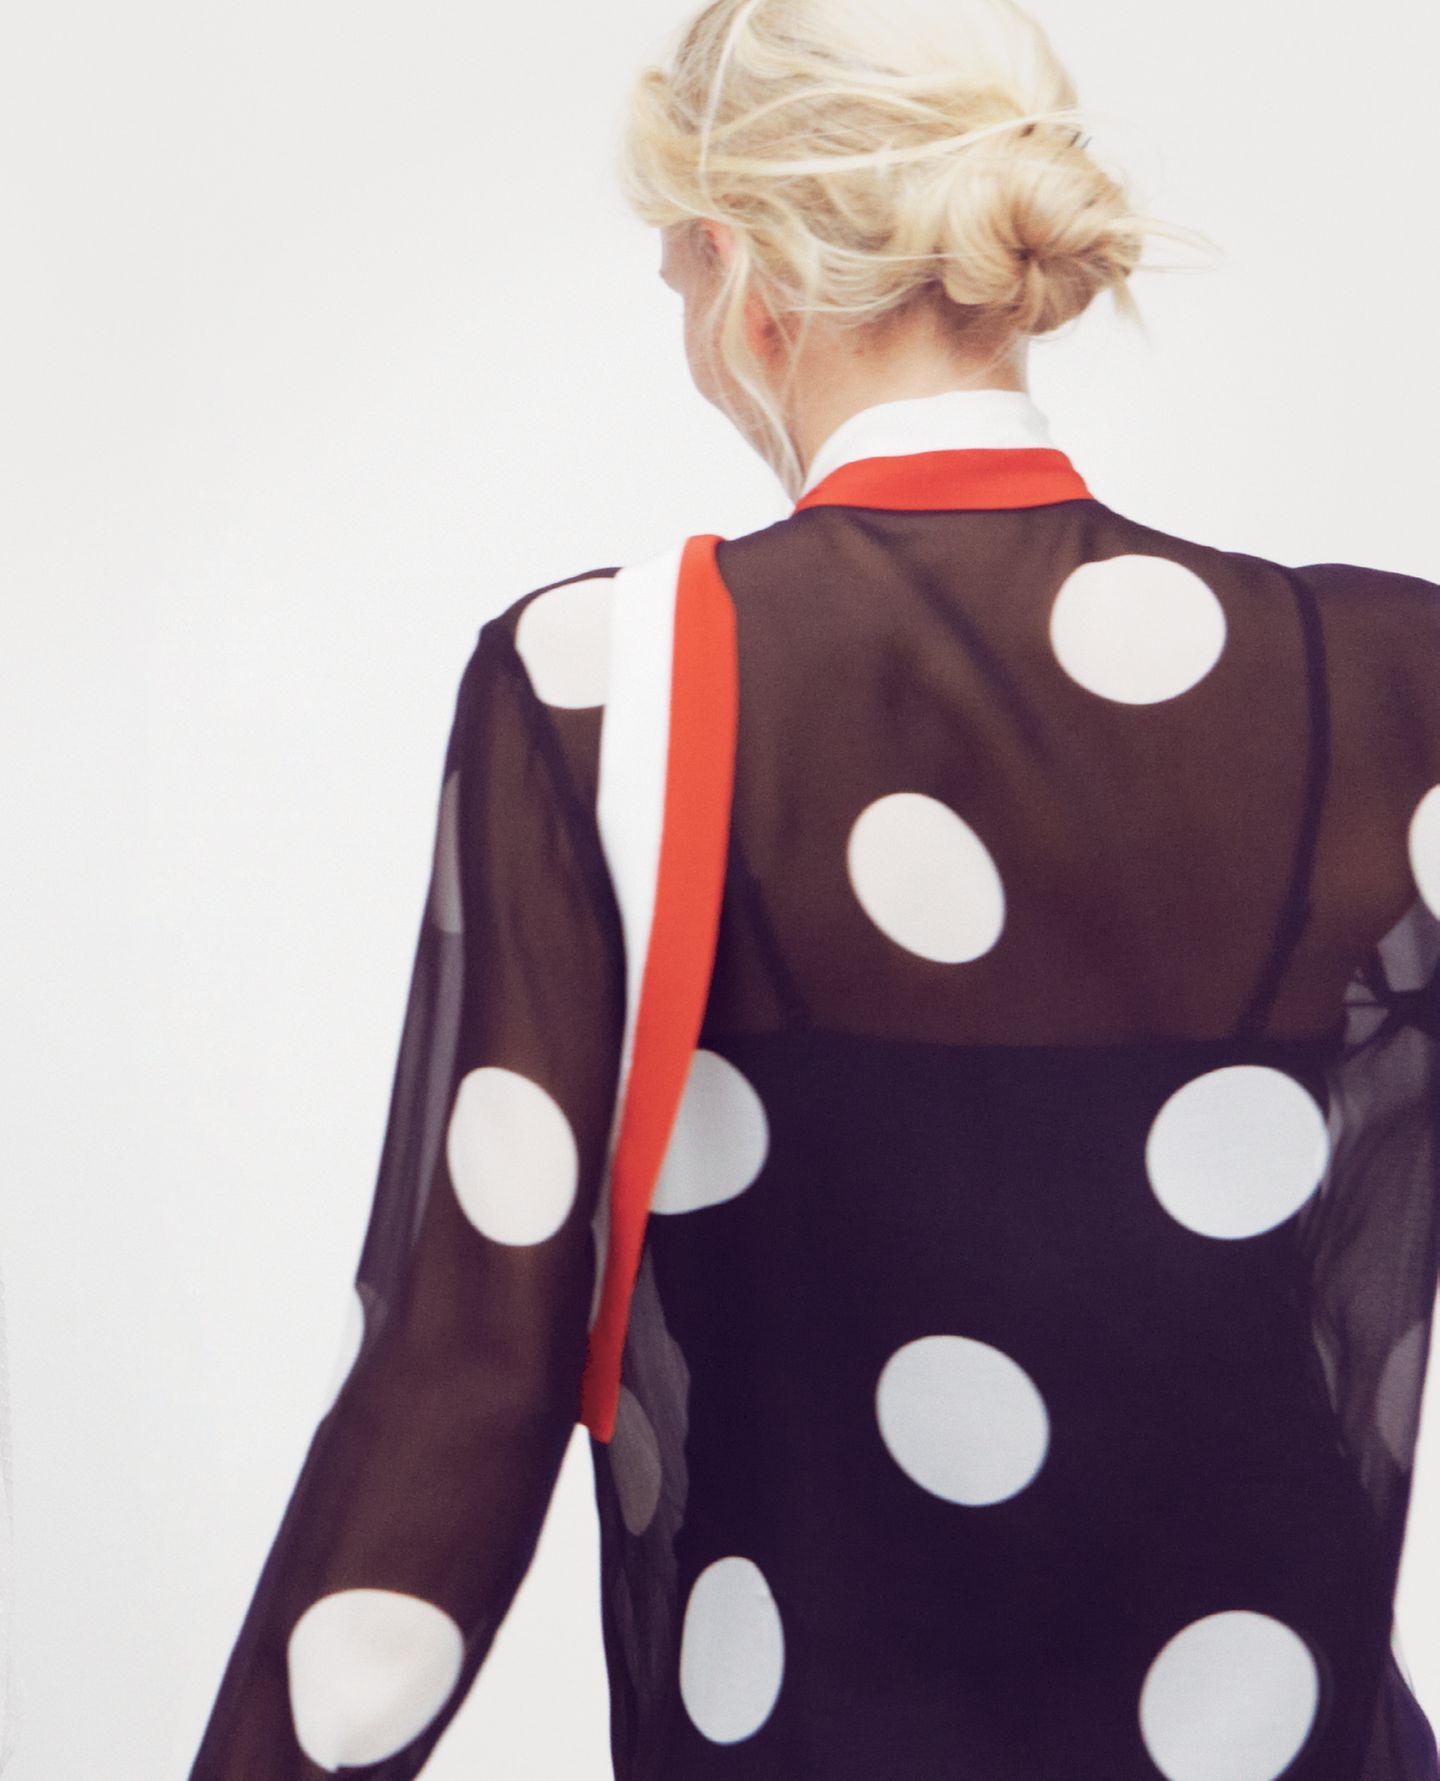 Polka dotsWie ein Schal über die Schulter geworfen, sorgt die Schluppe fu?r mondäne Eleganz. Transparente Seidenbluse mit großen Punkten und rotweißer Schluppe: Julia Krupp, ca. 450 Euro. Schwarzes Top: H&M, ca. 5 Euro